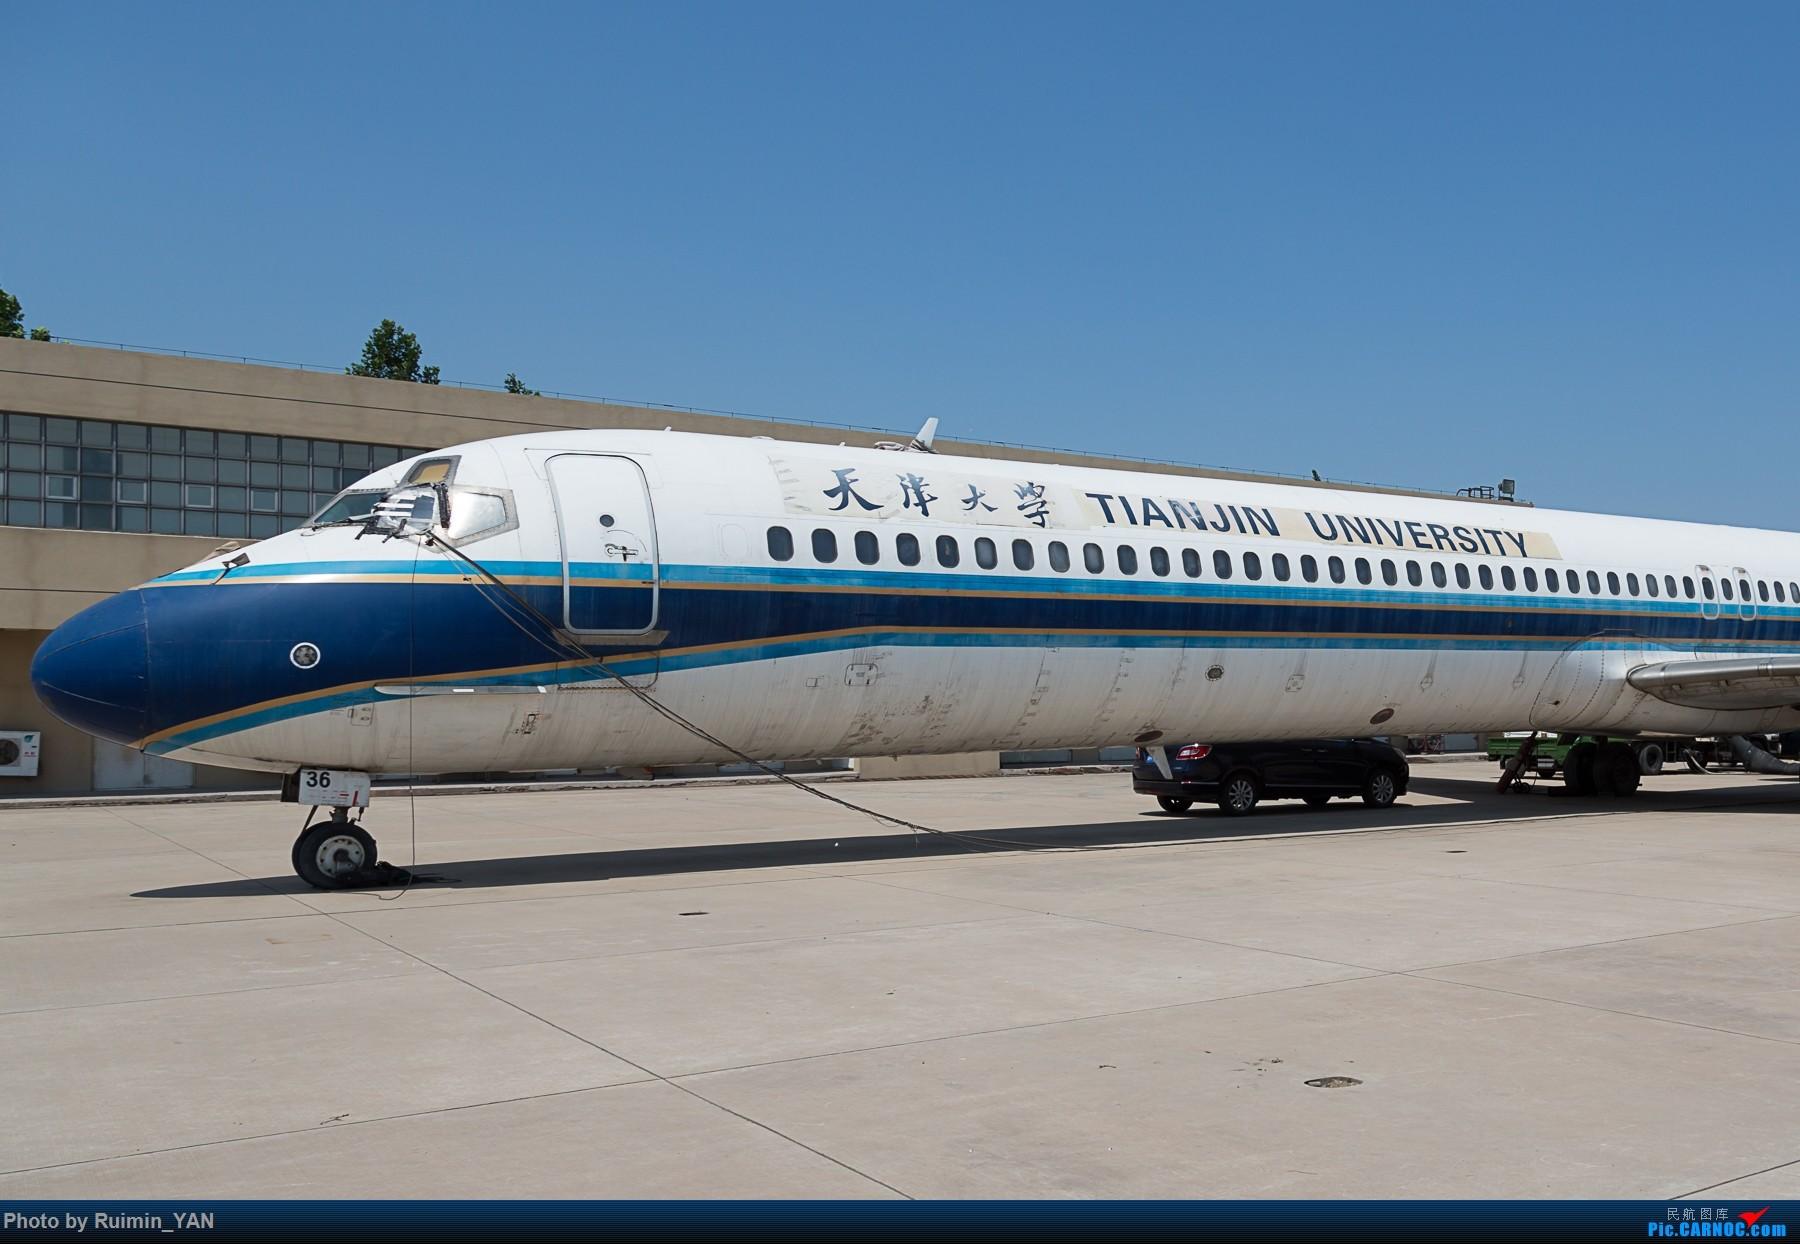 [原创]【民航大学】天津大学(Tianjin University) 中国南方航空(CZ) B-2136, 麦道MD82 MD MD-80 B-2136 中国天津滨海国际机场